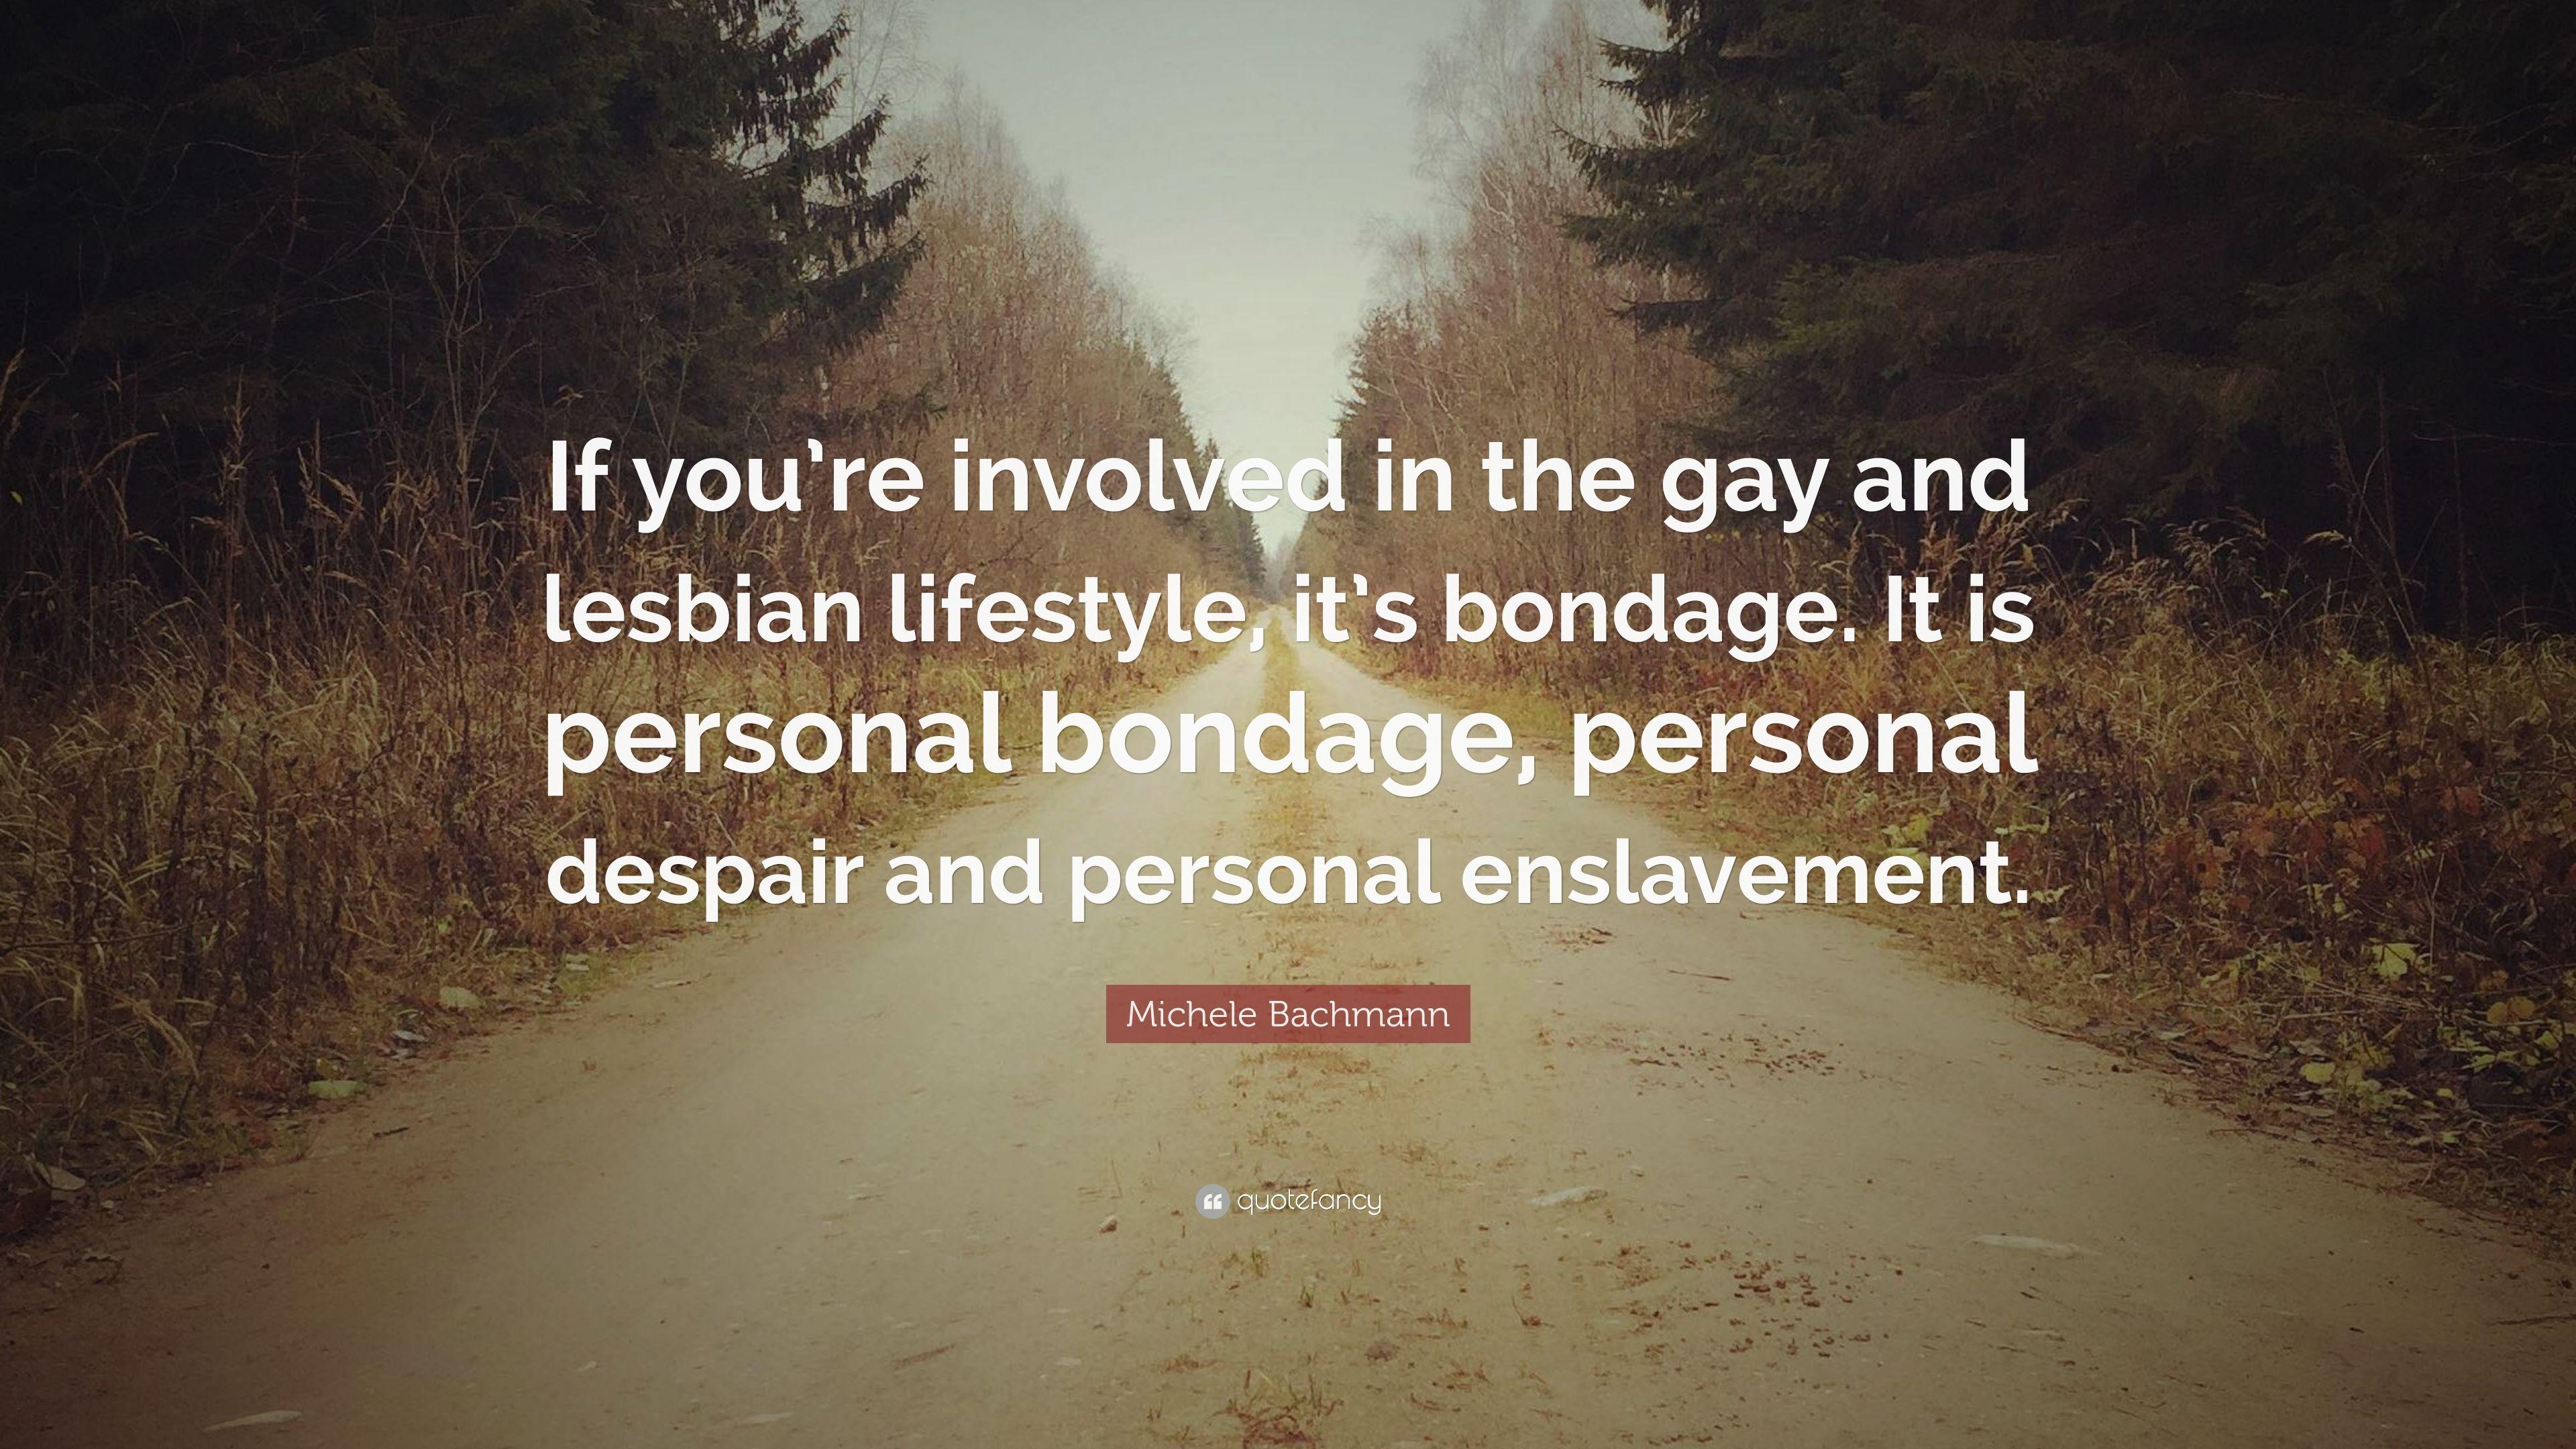 My personal bondage lifestyle